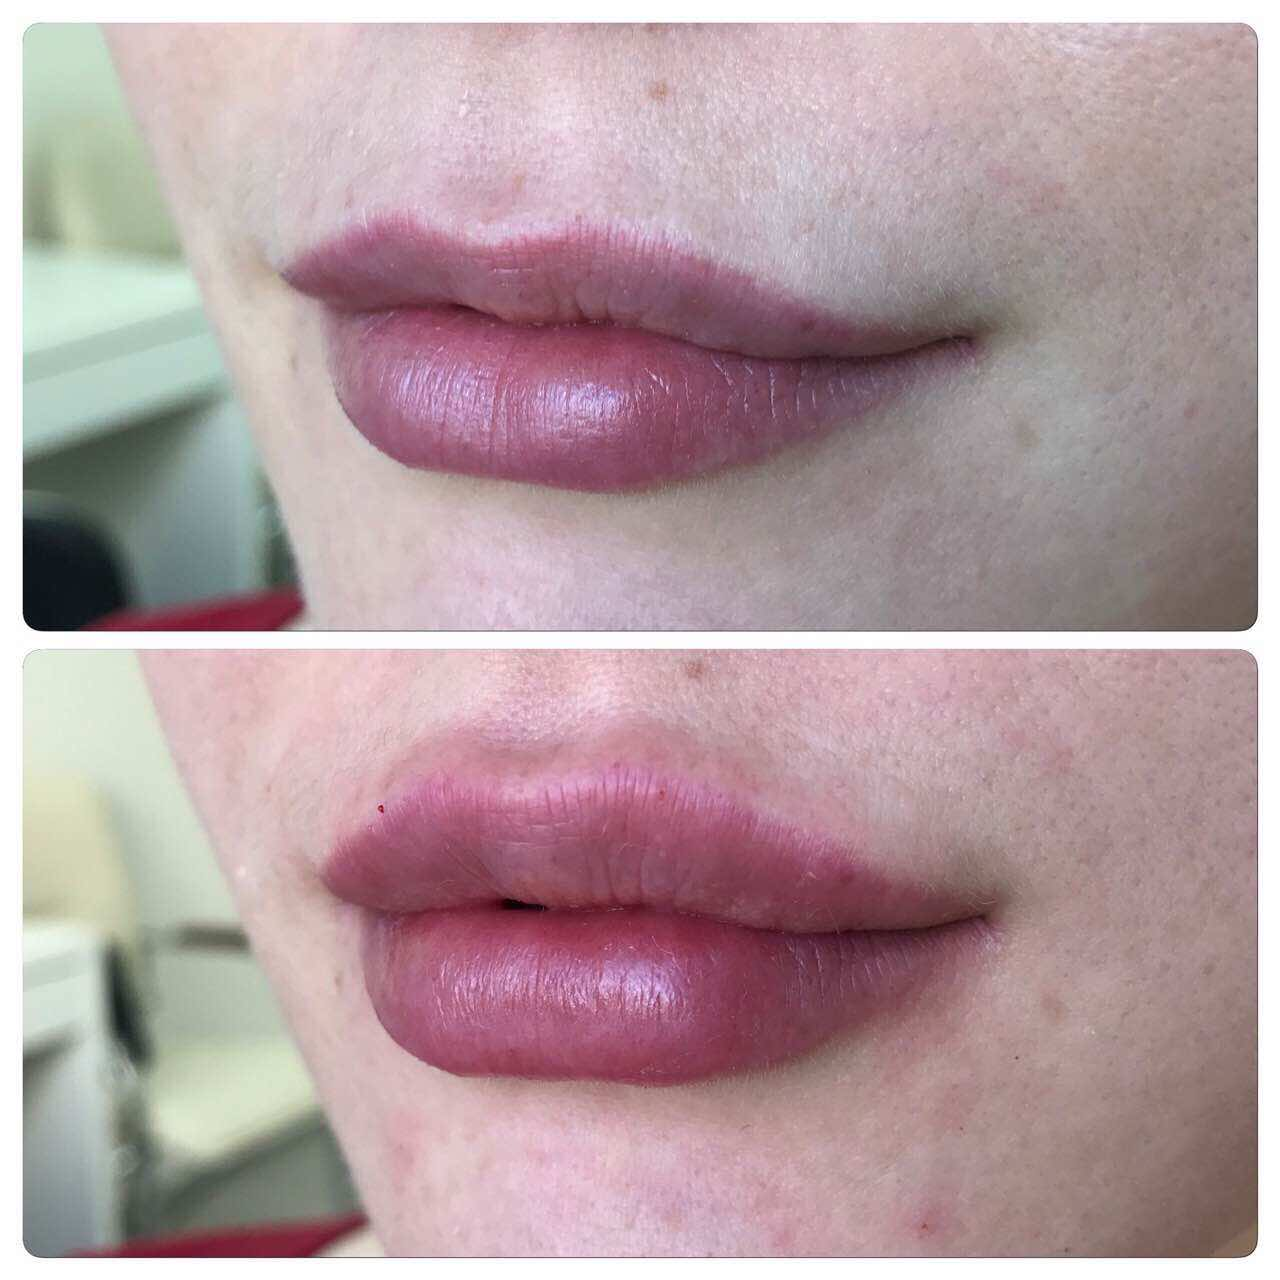 Филлеры для коррекции губ